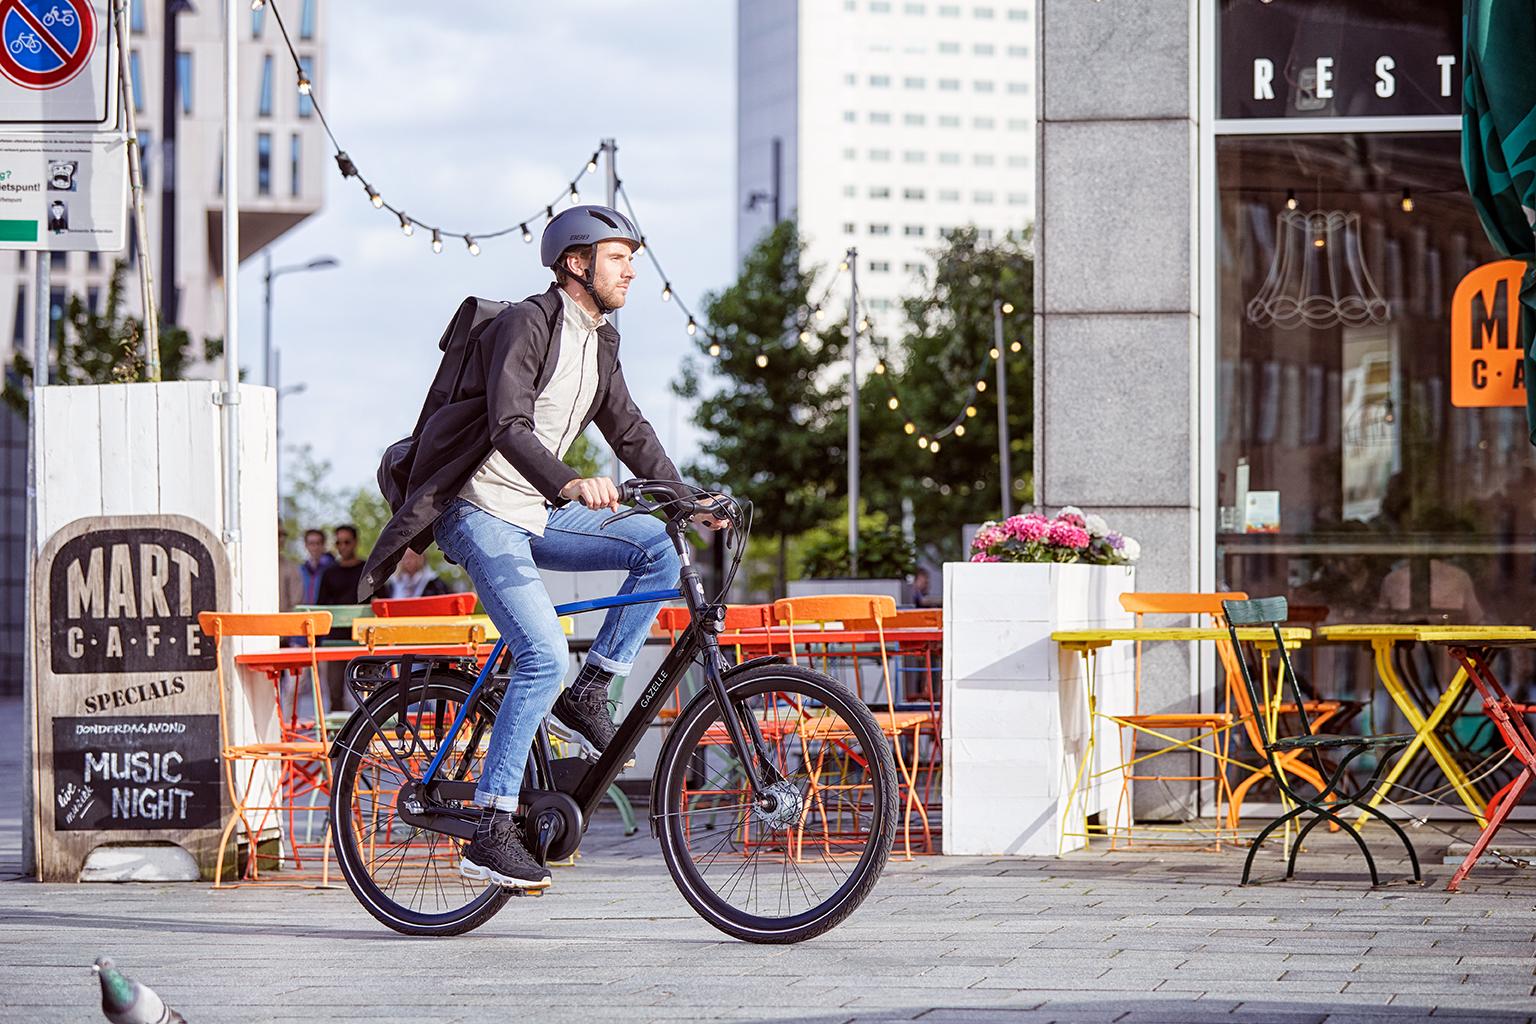 Gazelle Fahrrad - Pimp your bike